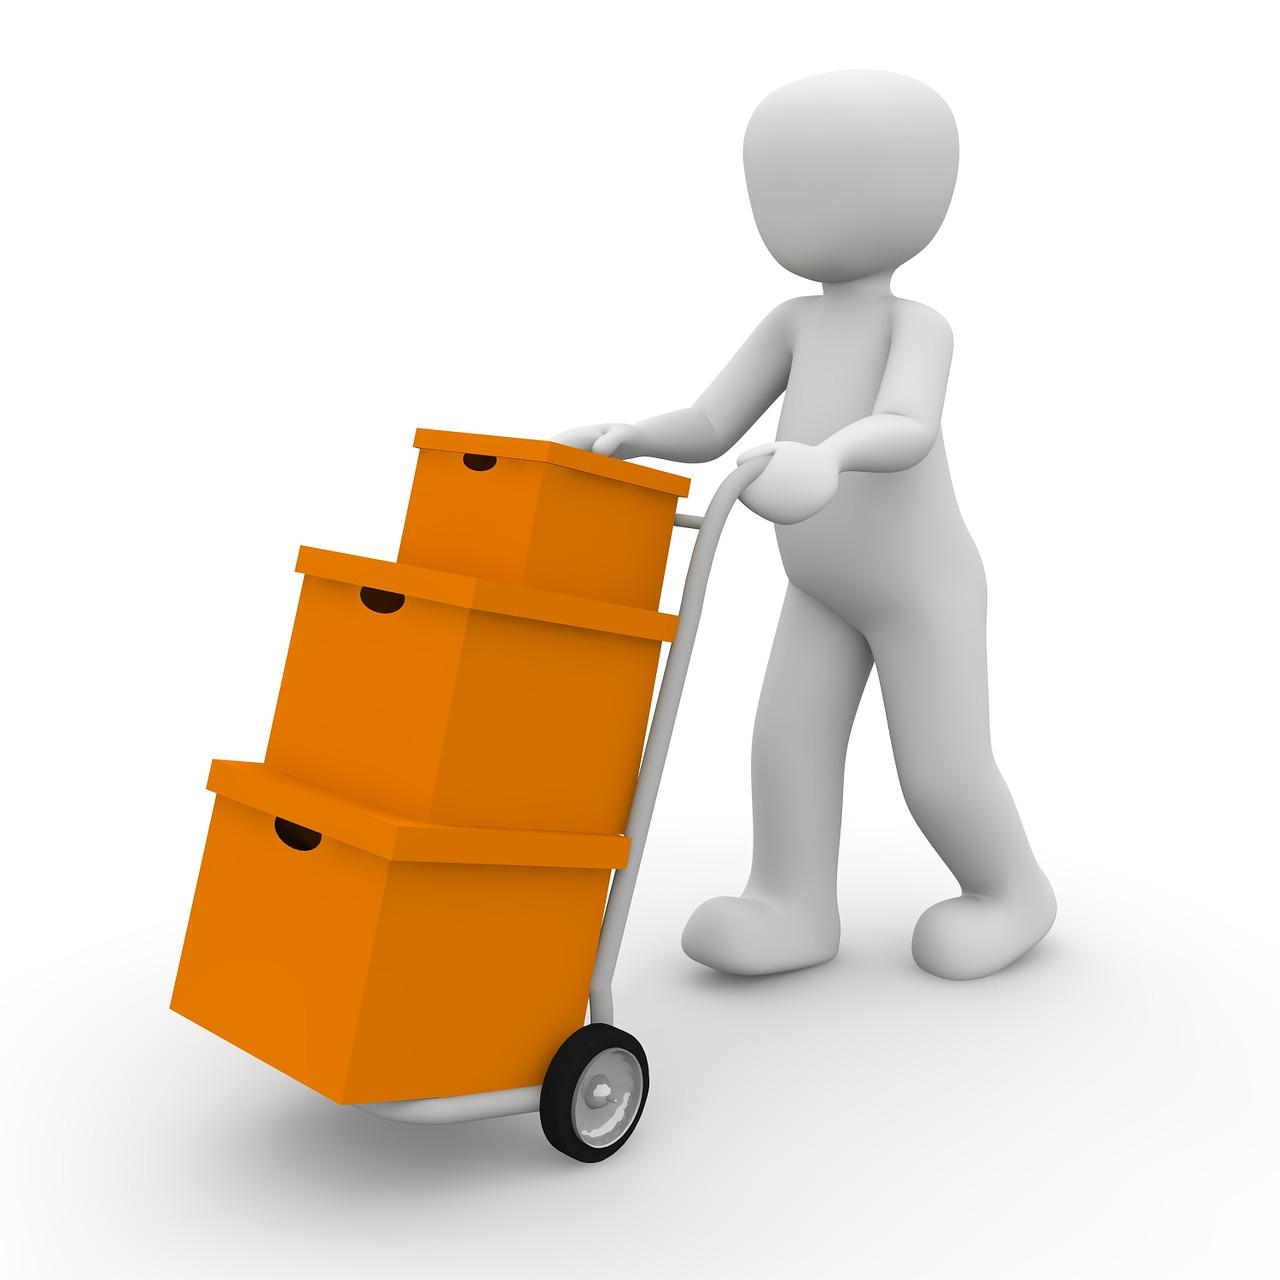 Gör logistiken enkel på kontoret med smart posthantering | Biztrends